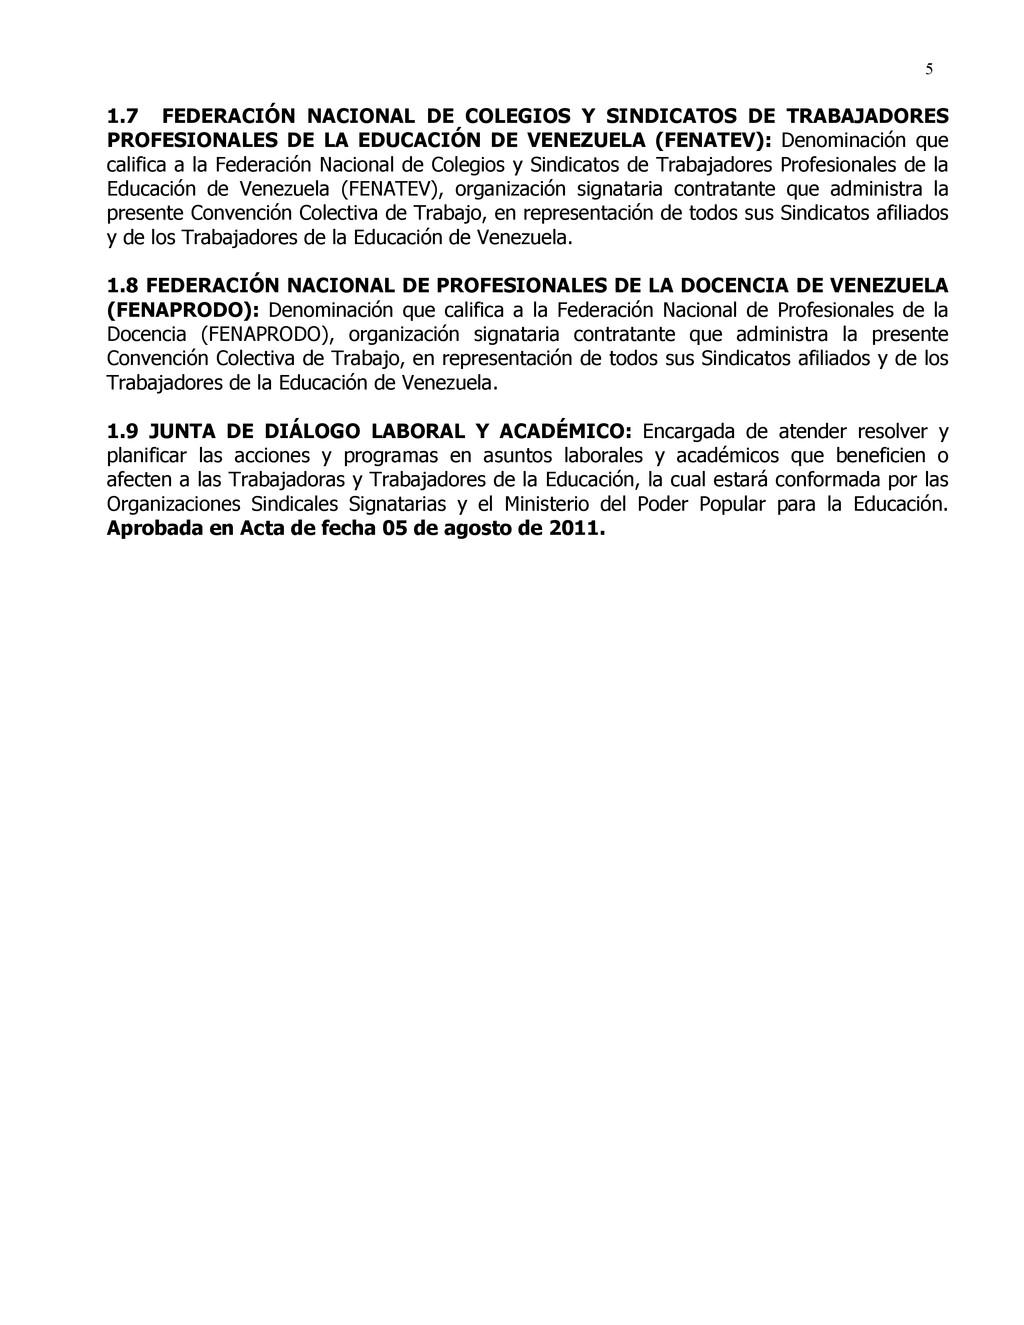 5 1.7 FEDERACIÓN NACIONAL DE COLEGIOS Y SINDICA...